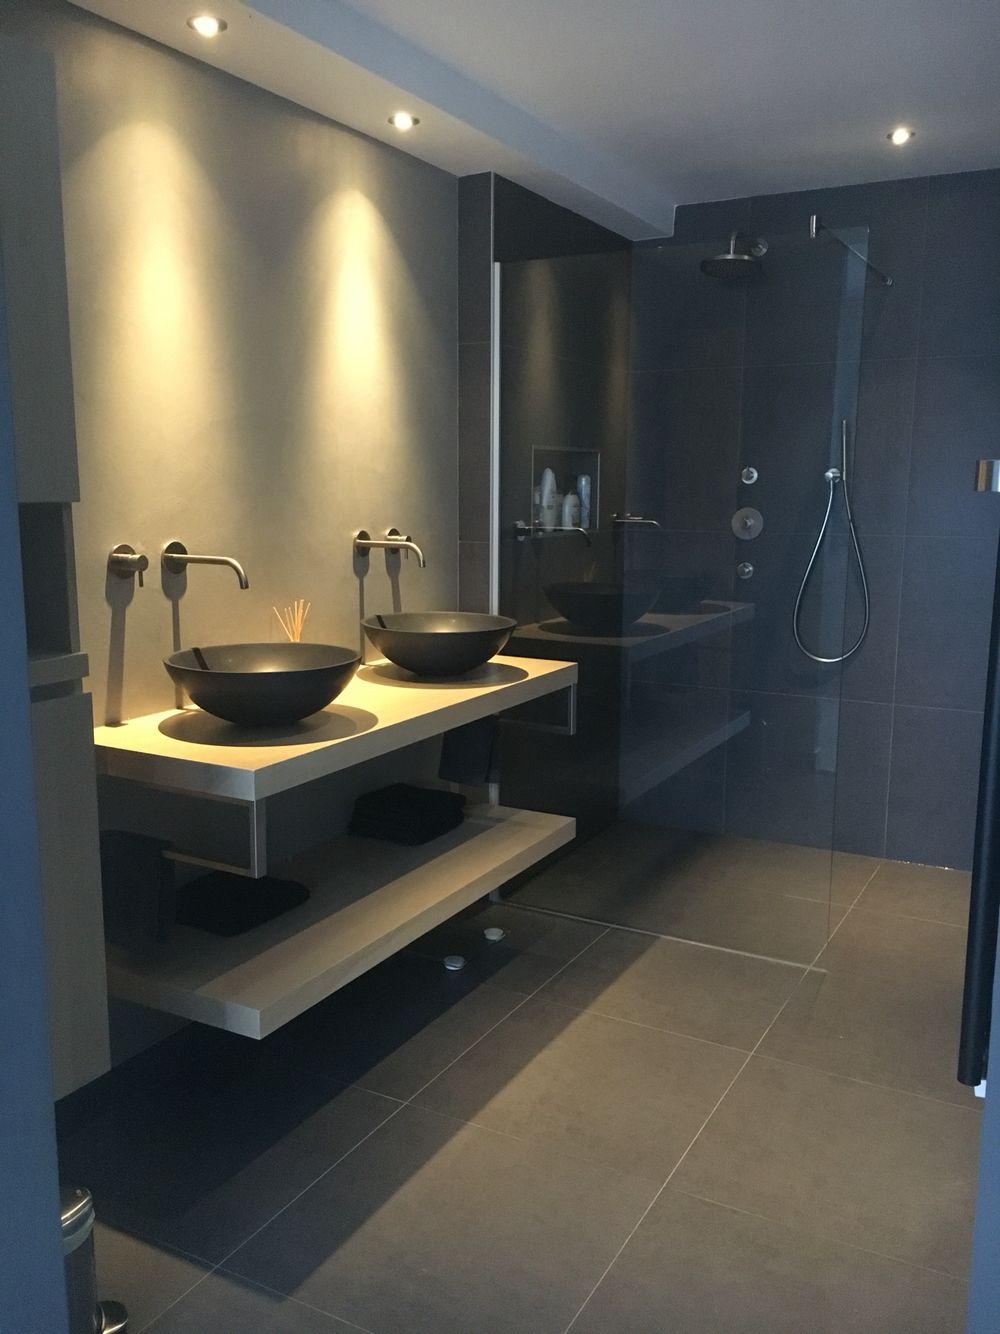 badkamer bijna af zwarte waskommen op massieve eikenplank hotbath